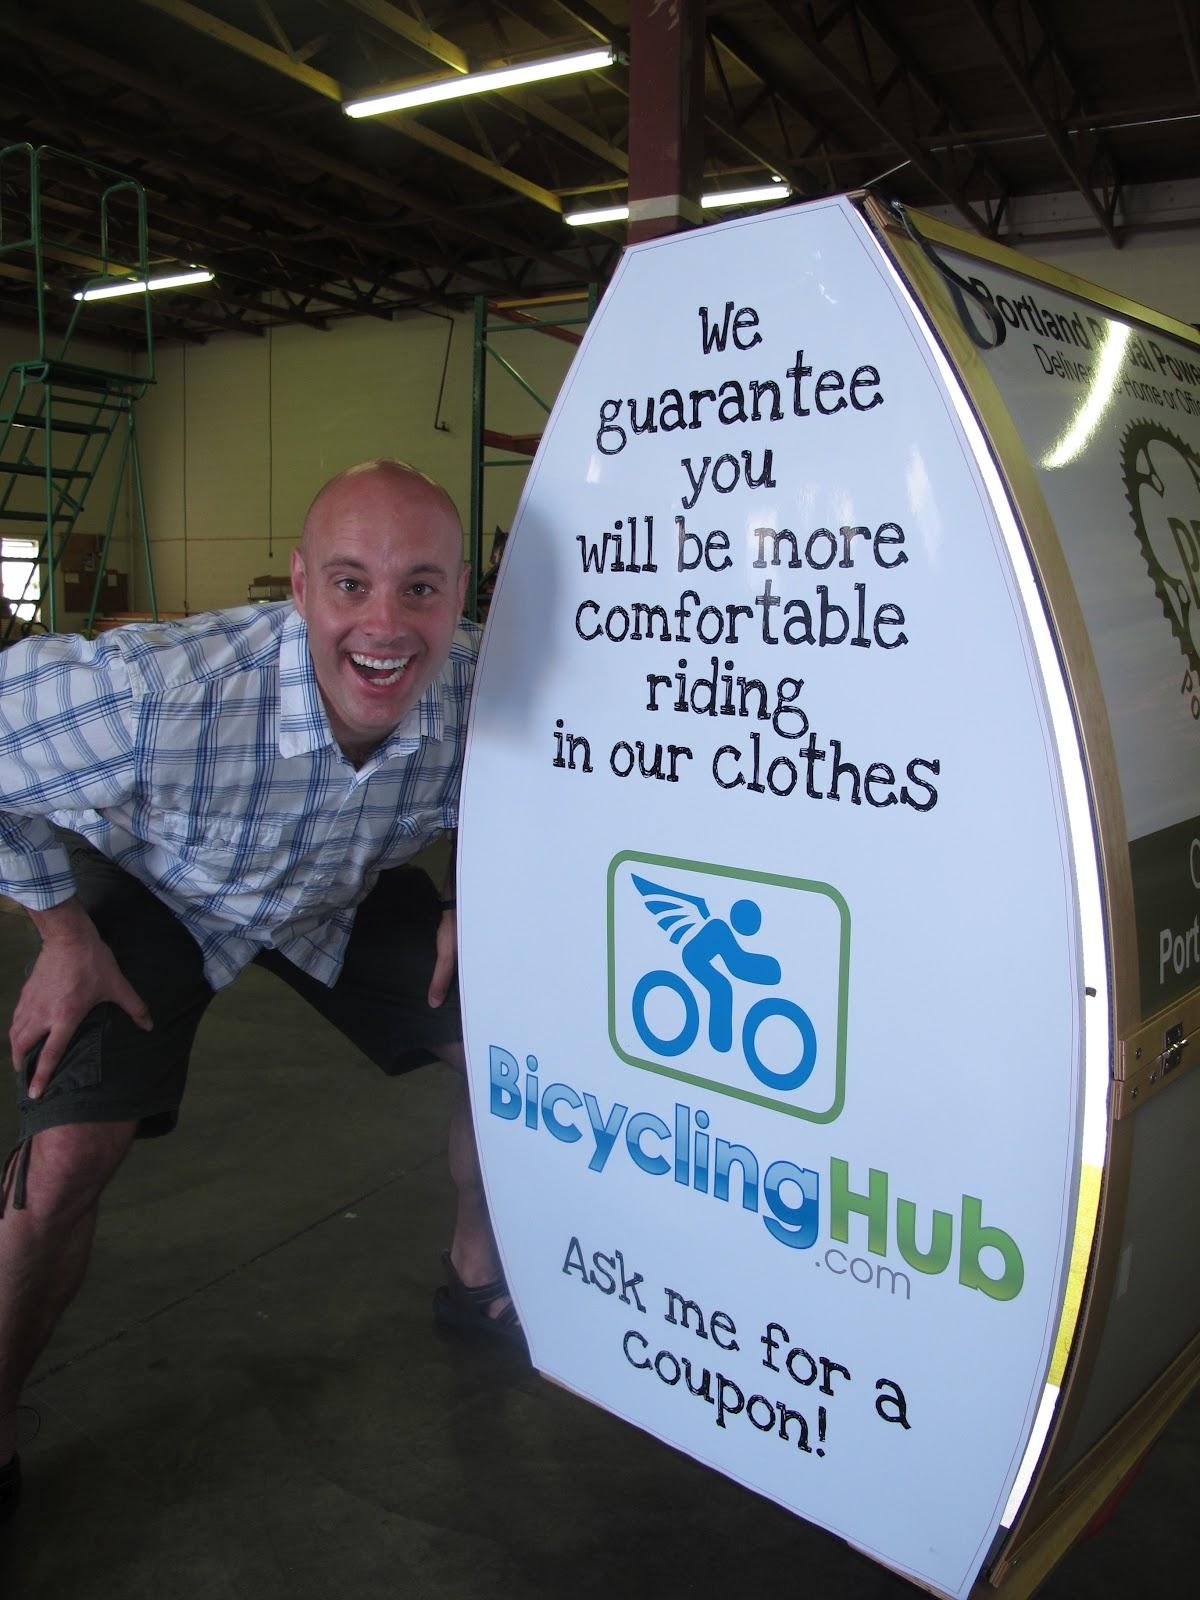 Bicyclinghub coupons